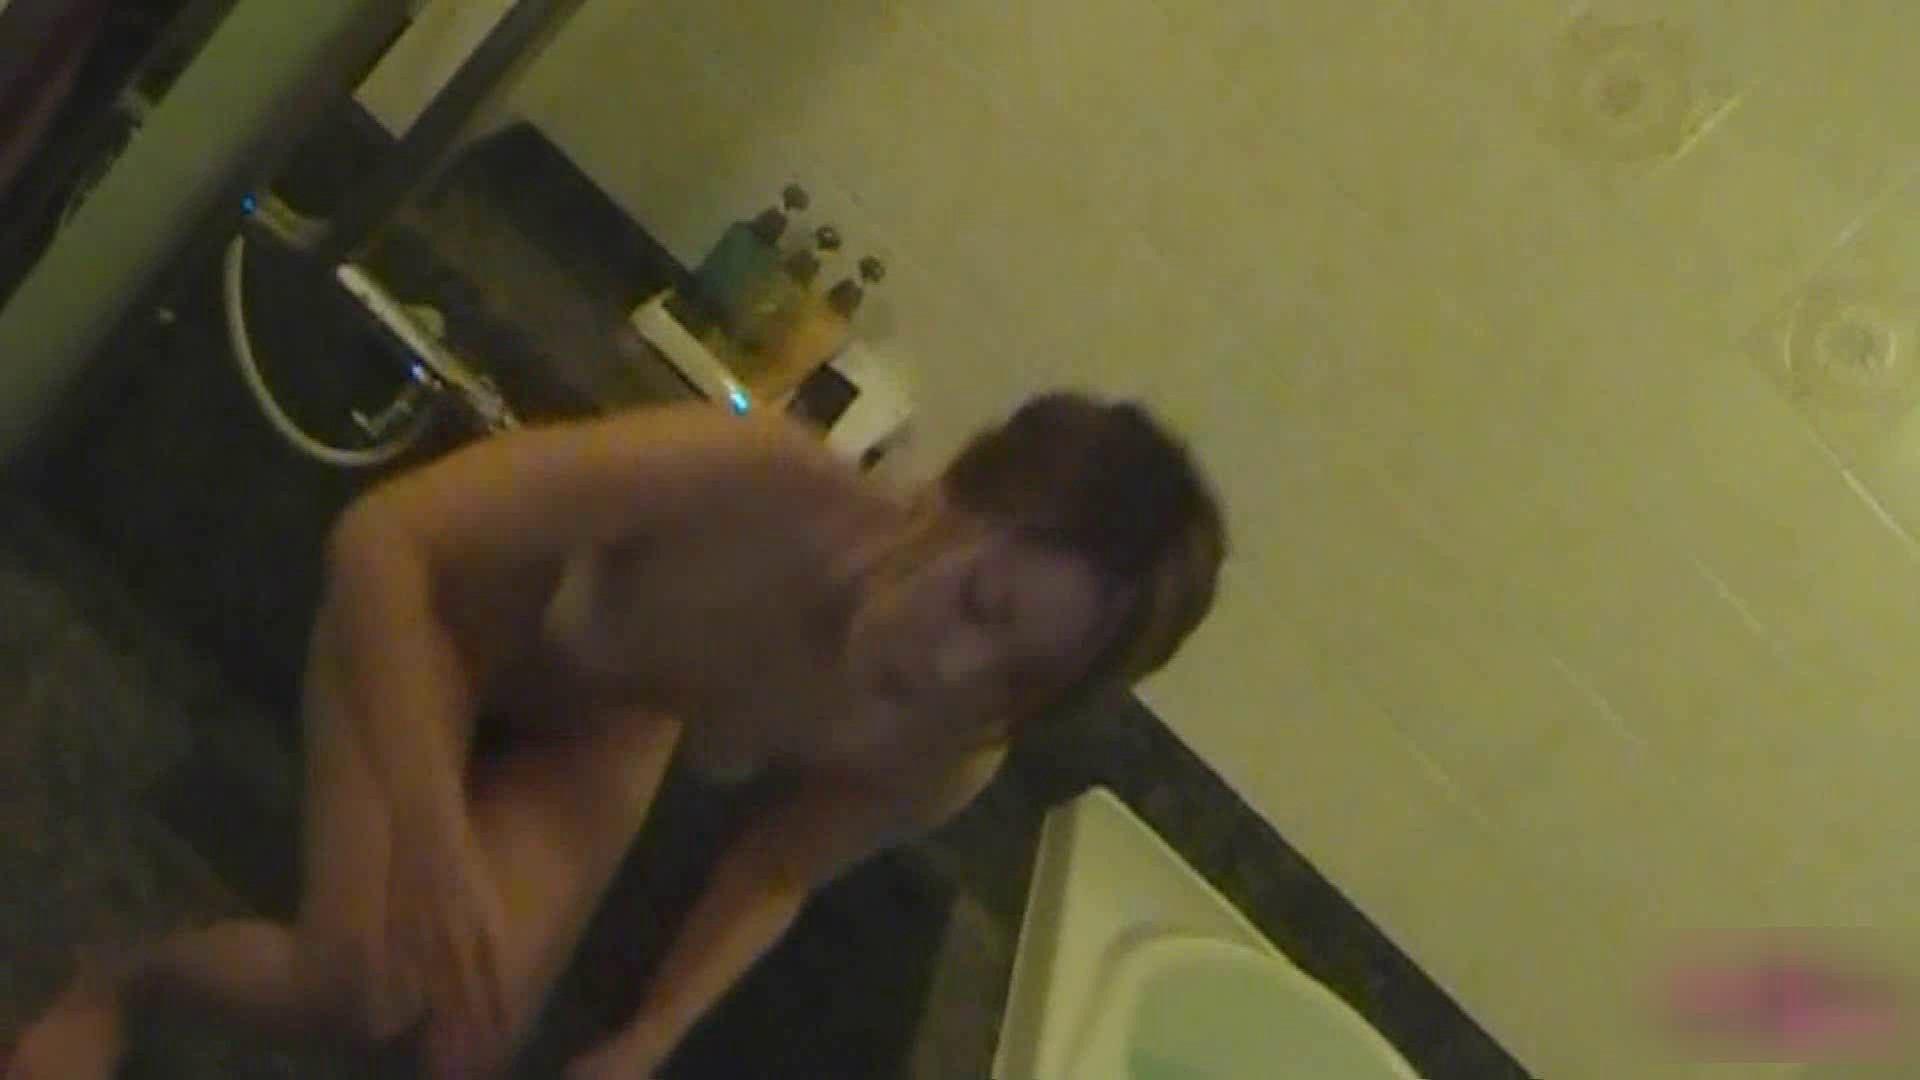 おしえてギャル子のH塾 Vol.15 前編 エッチなキャバ嬢 オマンコ無修正動画無料 90pic 24